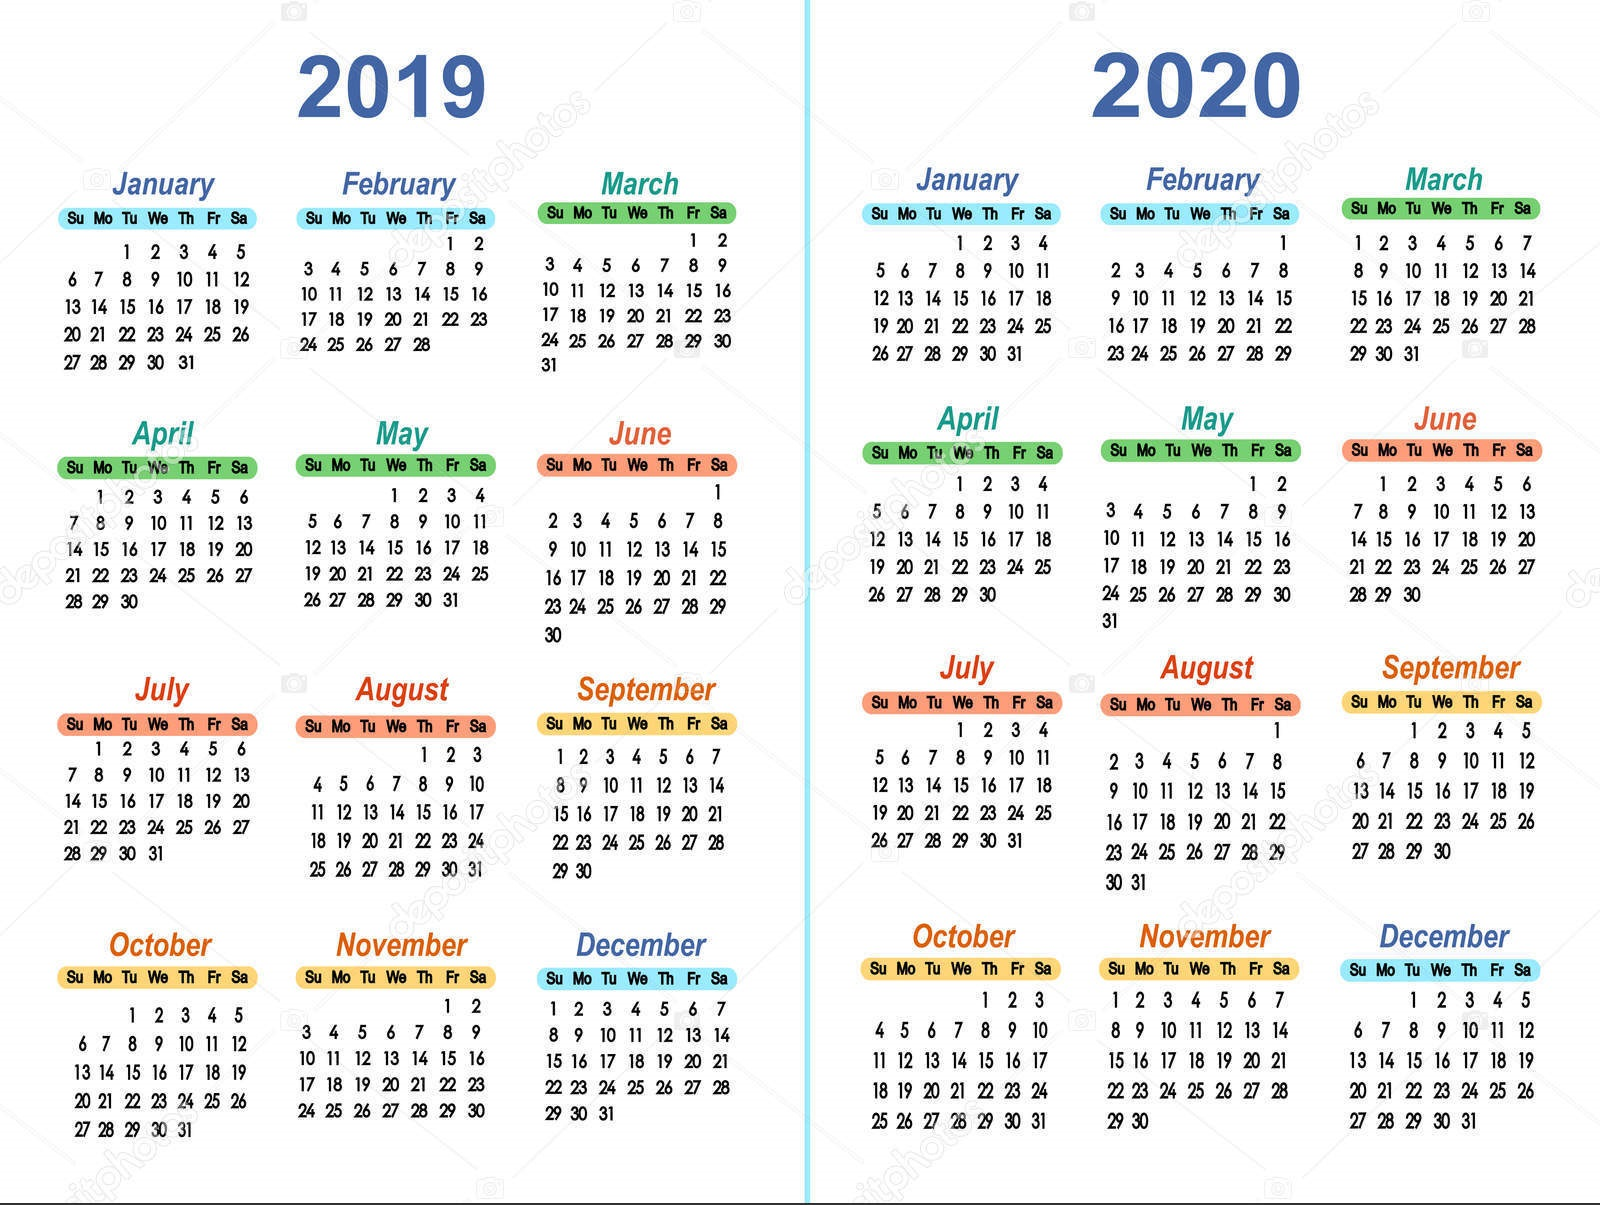 Calendario Serie A Anticipi Posticipi 2020.Serie A Tkt Point